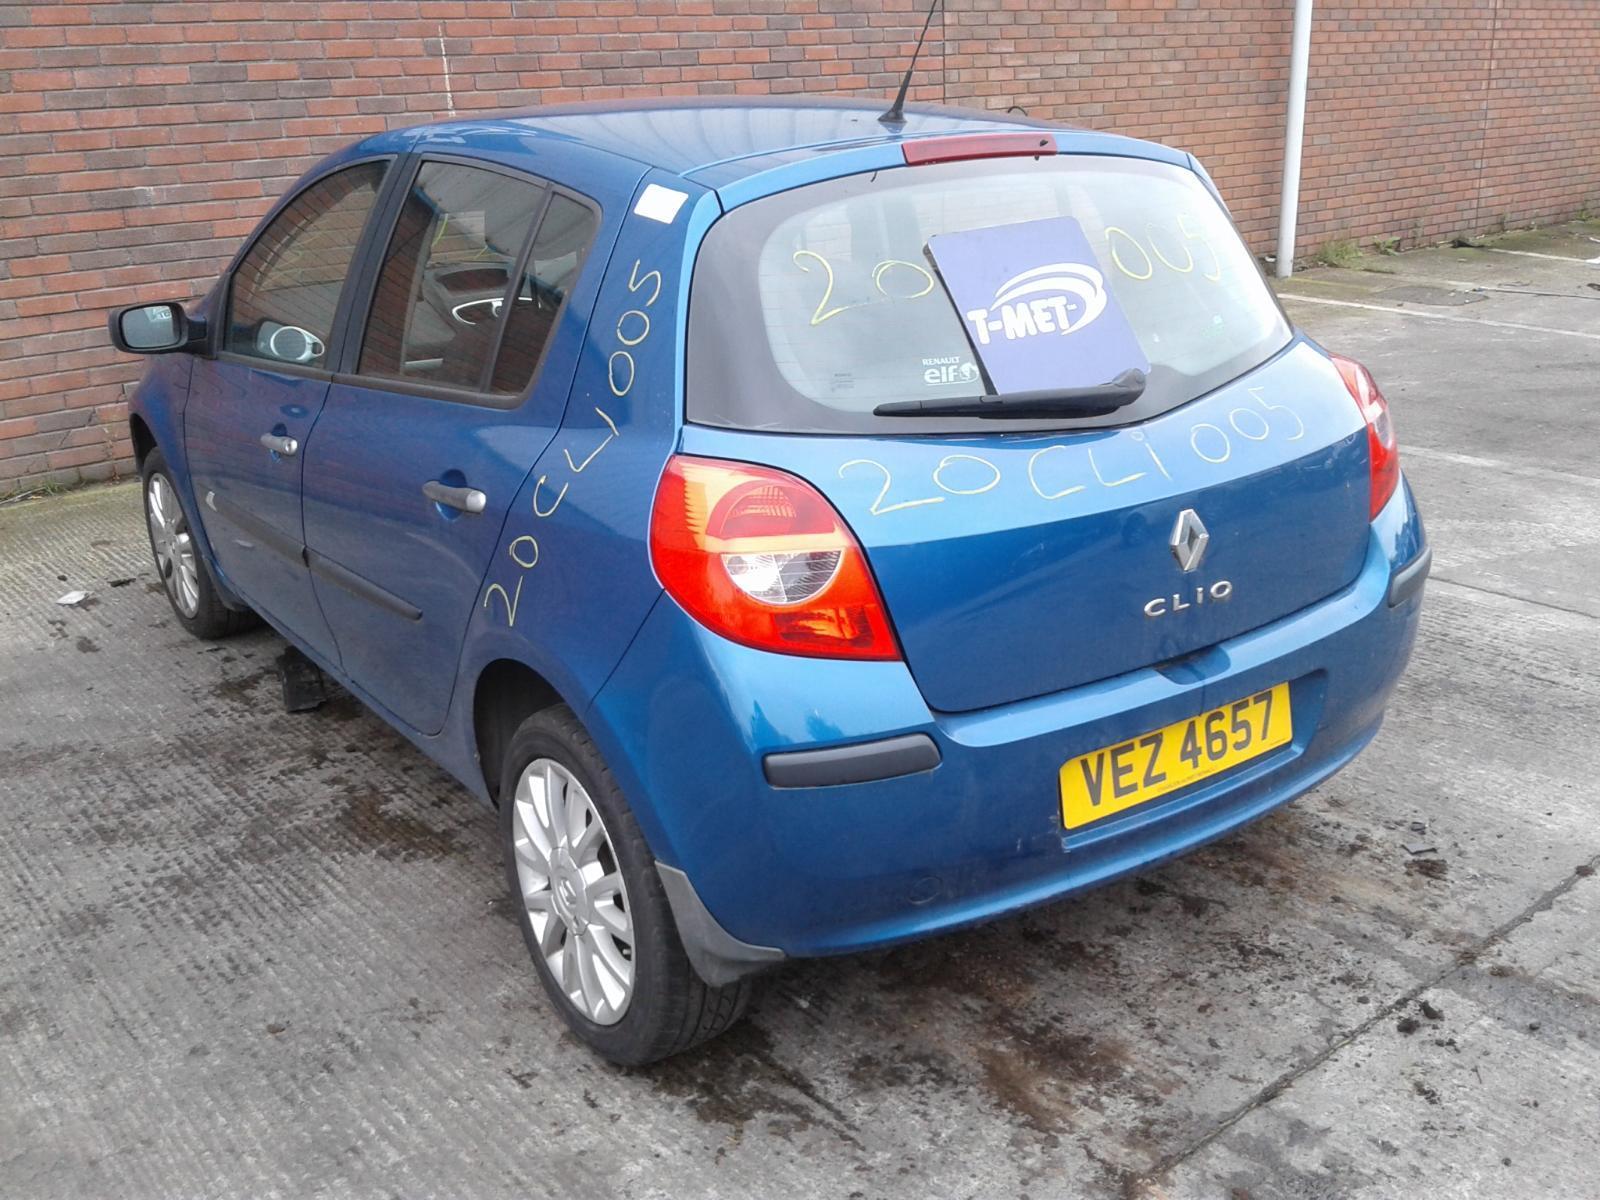 2009 RENAULT CLIO Image